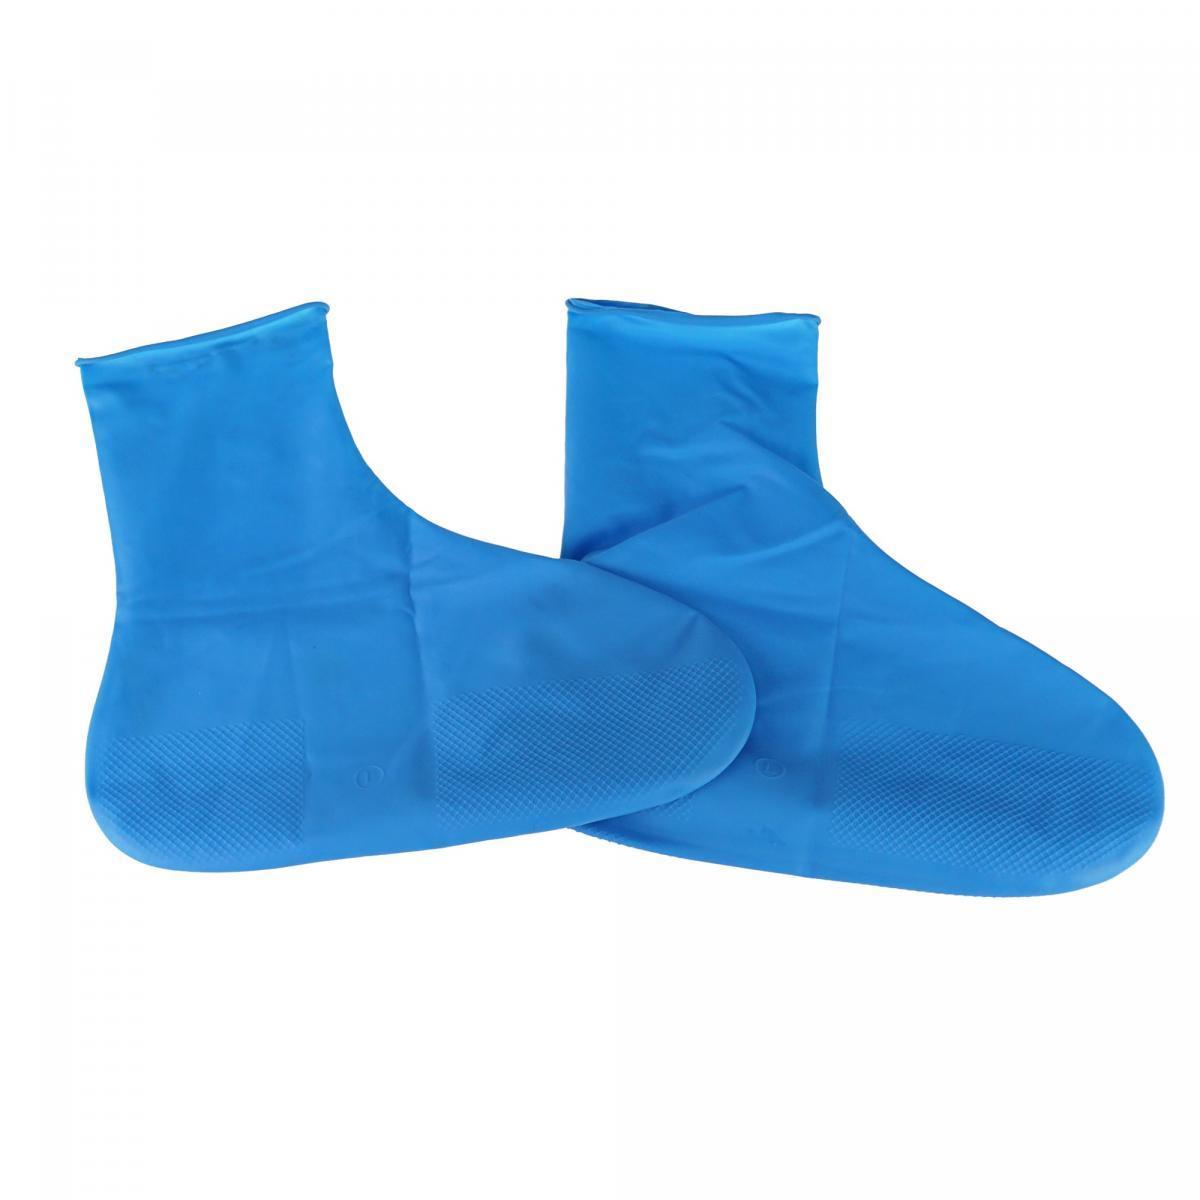 Резиновые бахилы на обувь от дождя, размер S Дачный сезон!